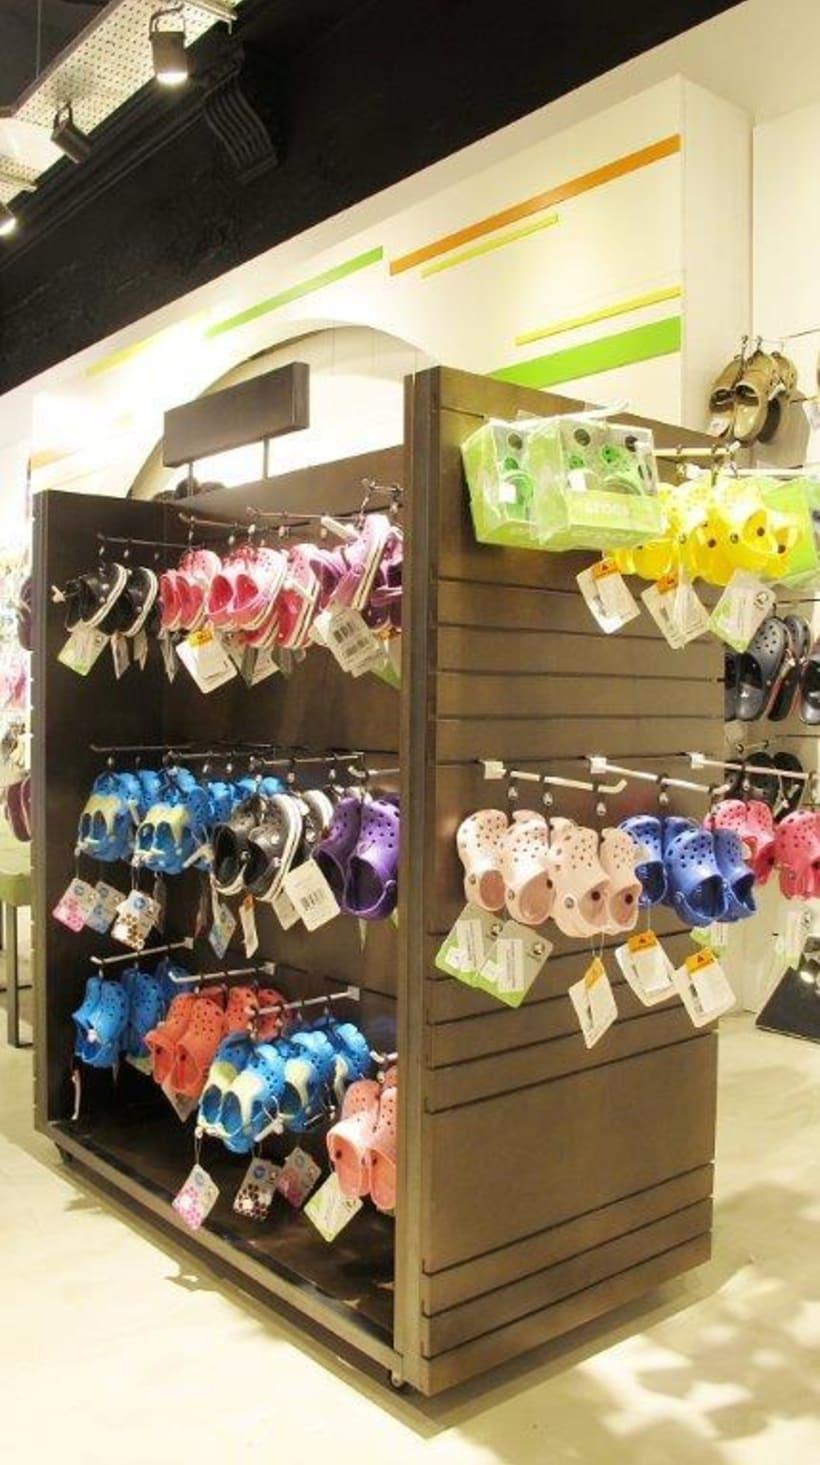 Citadium Store - Florida 436 CABA - Argentina 8